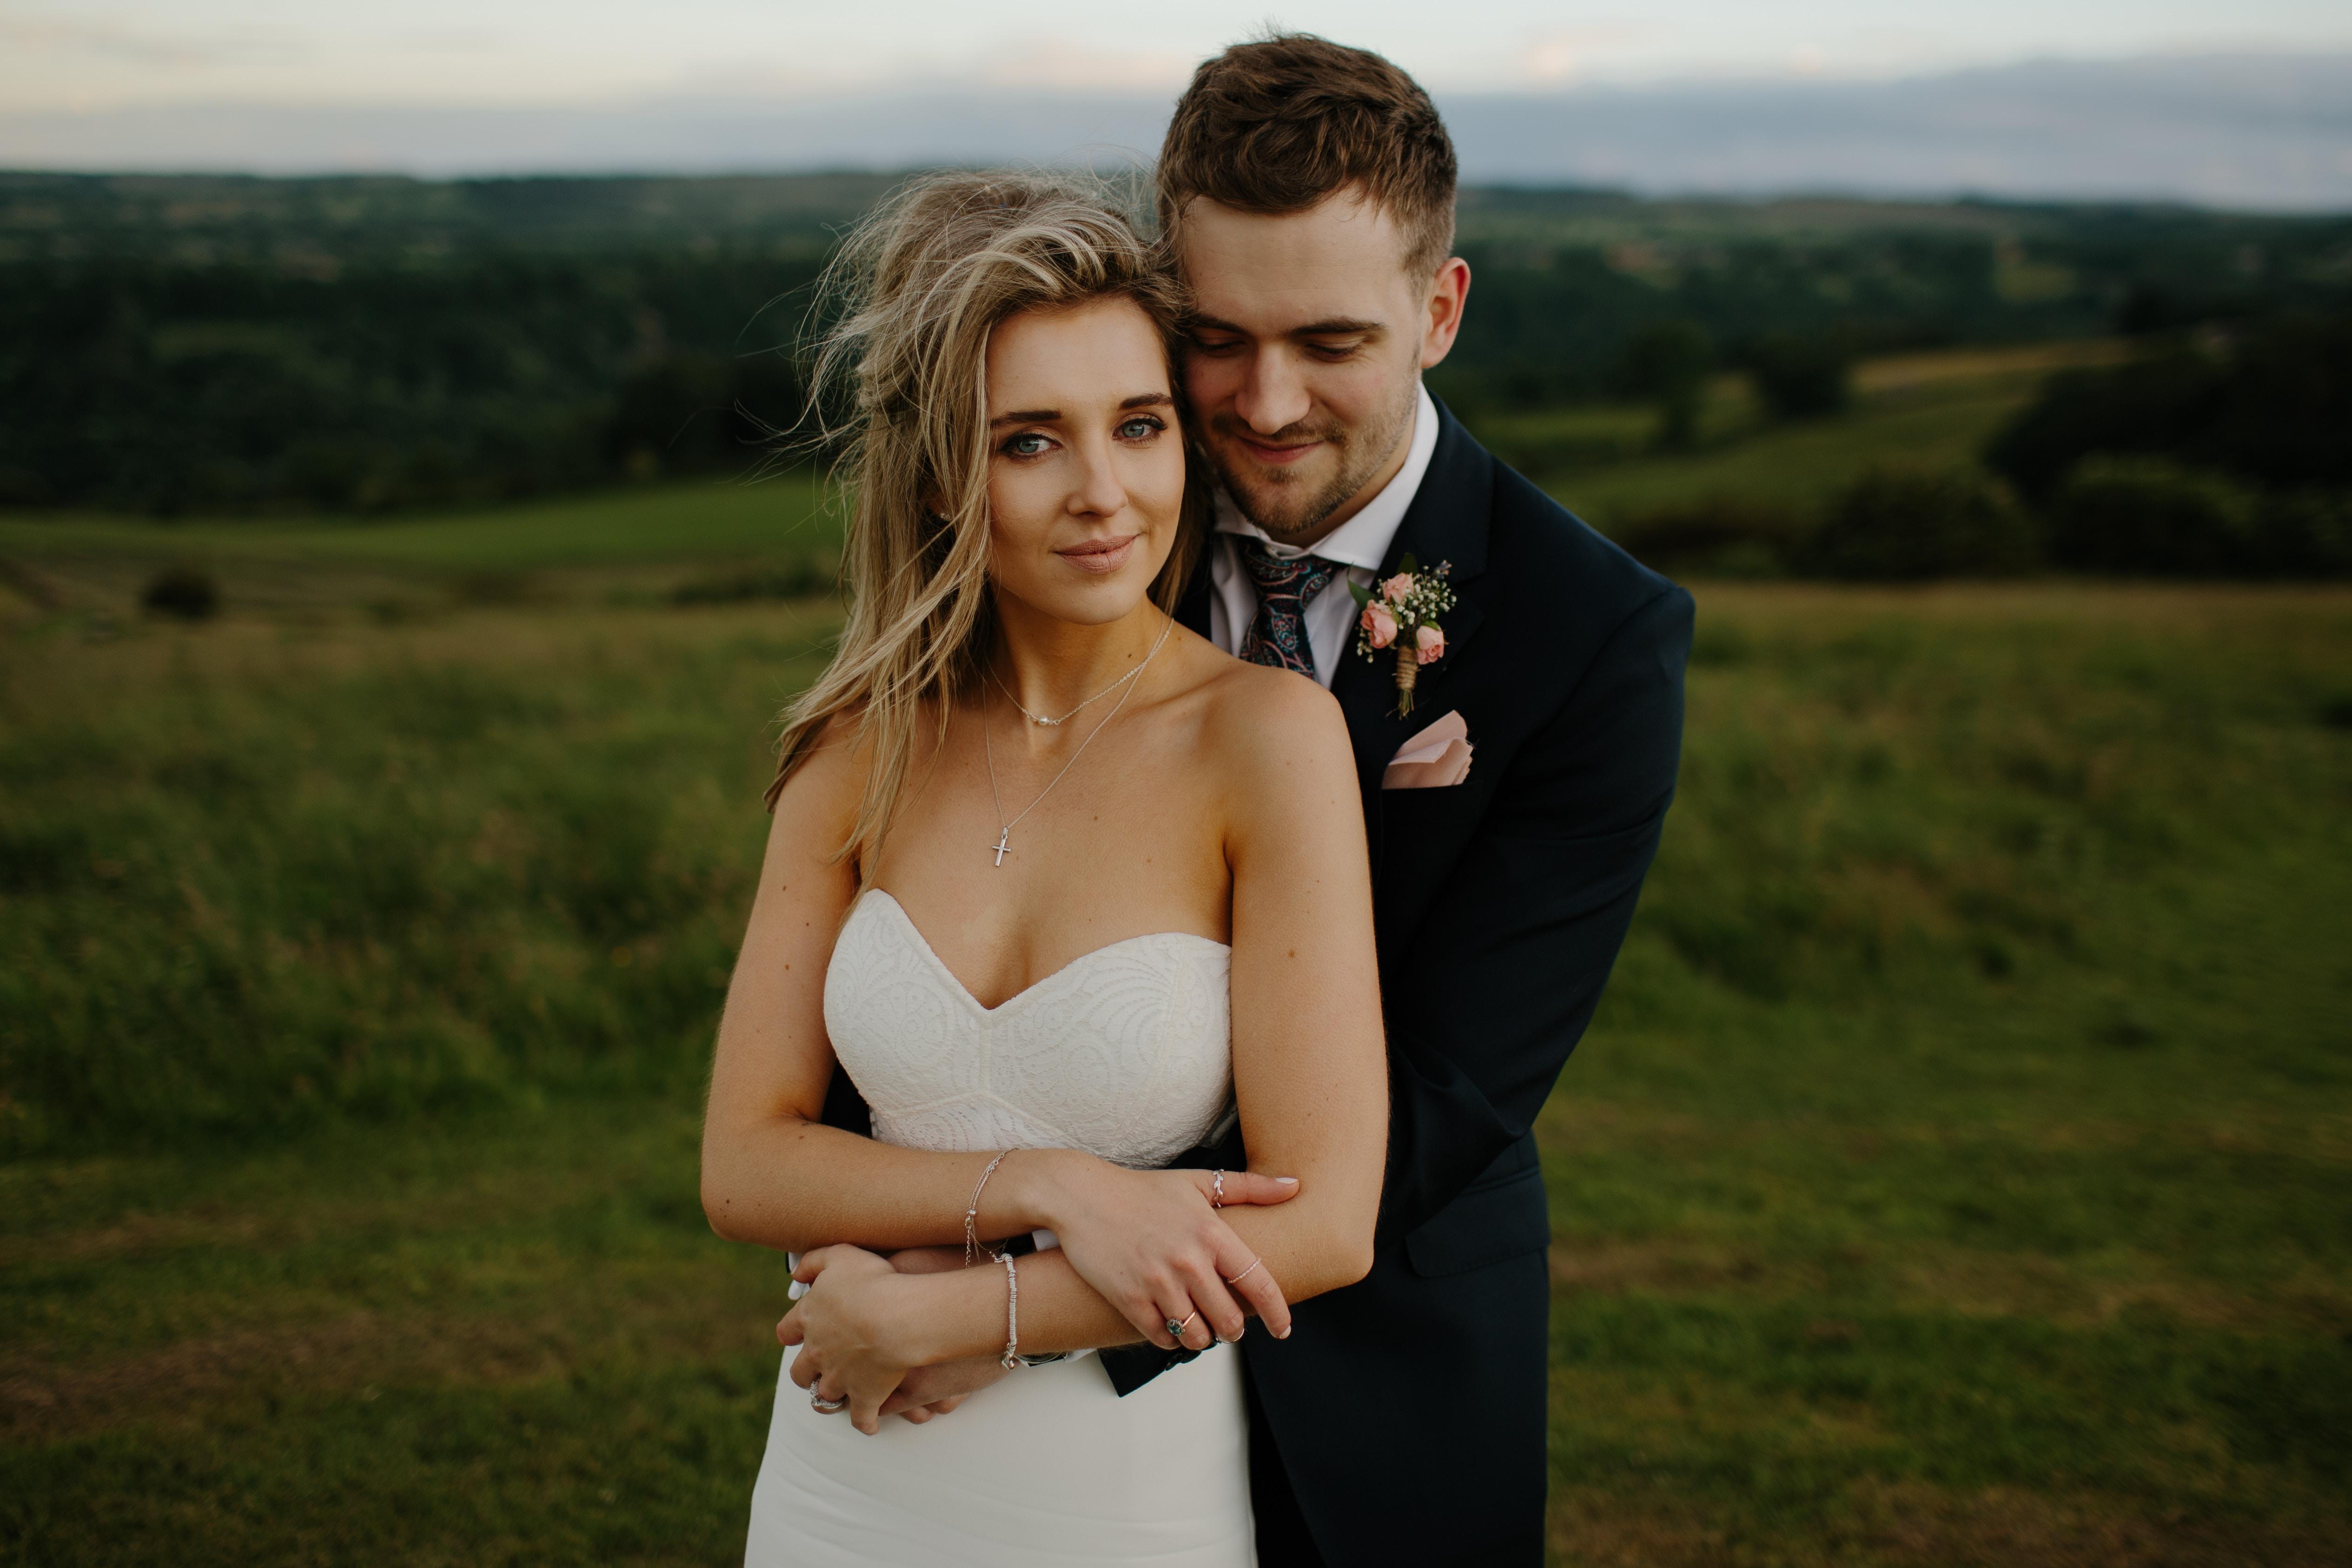 Free Images : man, grass, girl, woman, field, romance, wedding dress ...